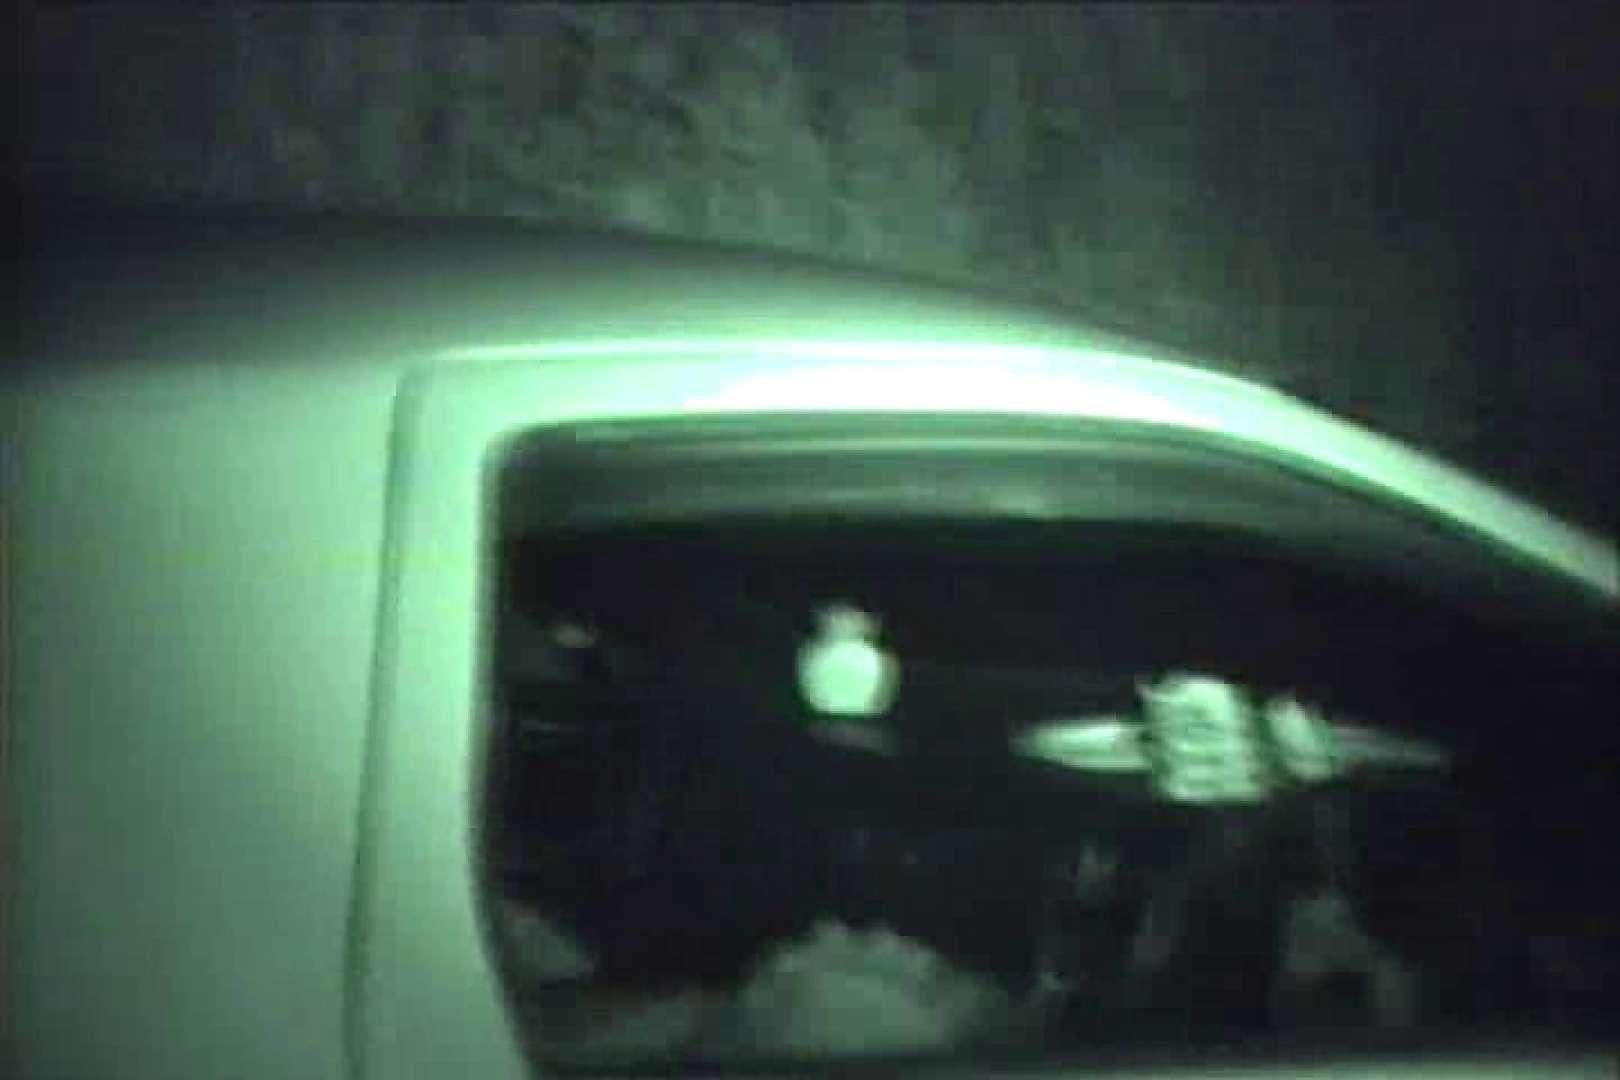 車の中はラブホテル 無修正版  Vol.17 マンコ  97画像 49